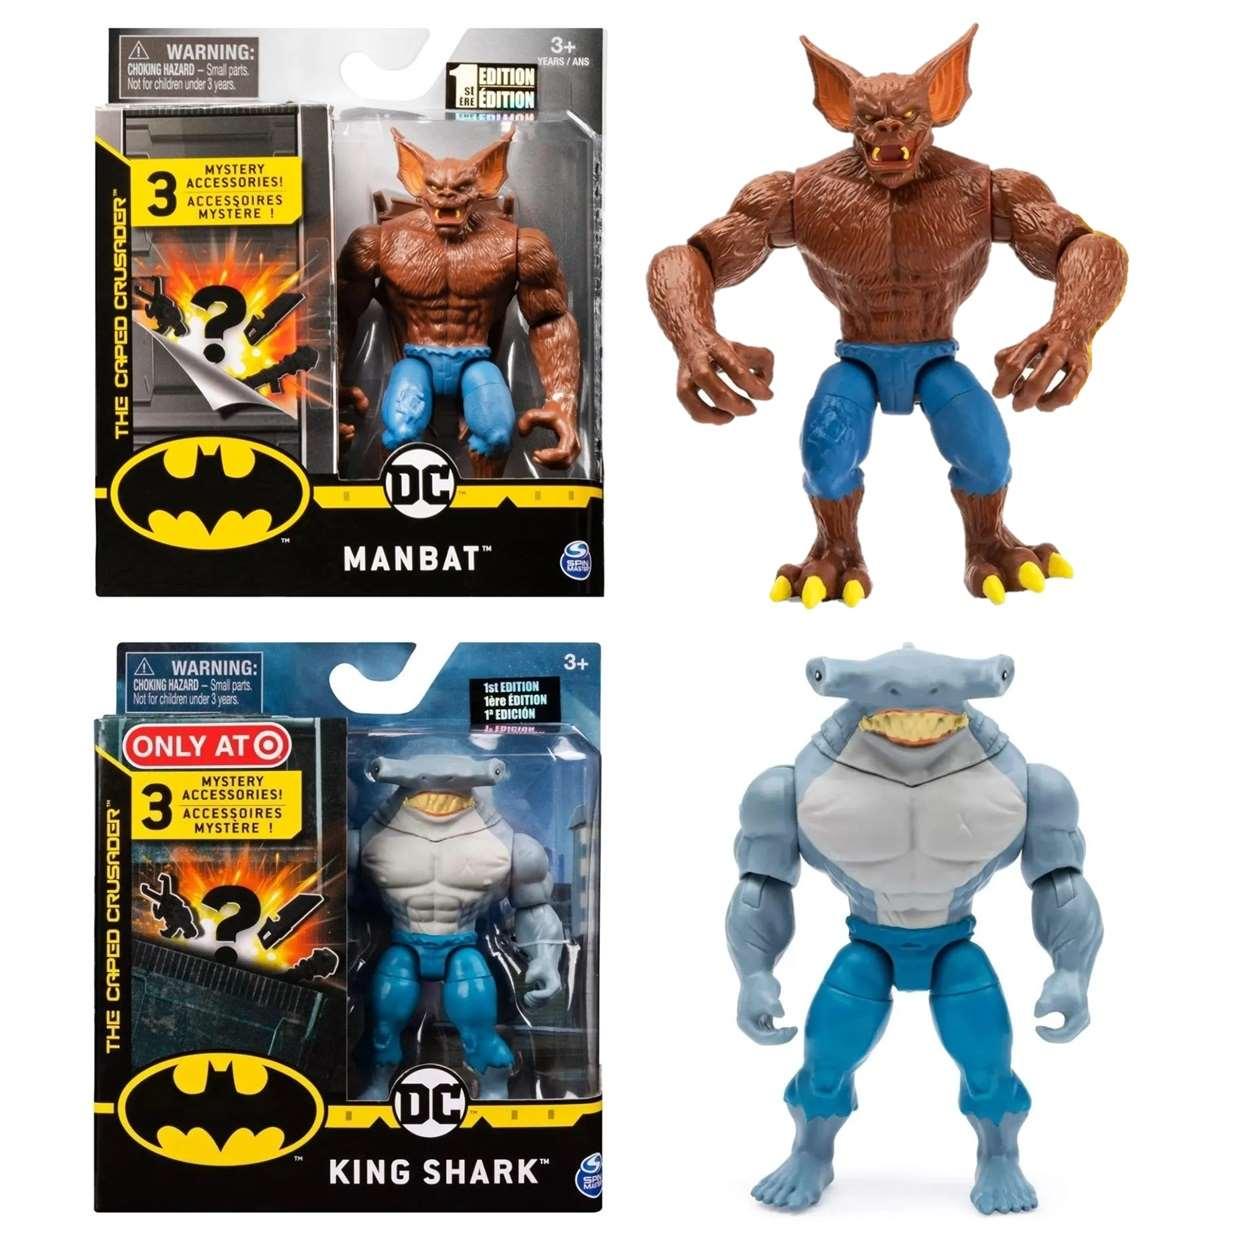 Pack King Shark + Man Bat The Caped Crusader Spin Master